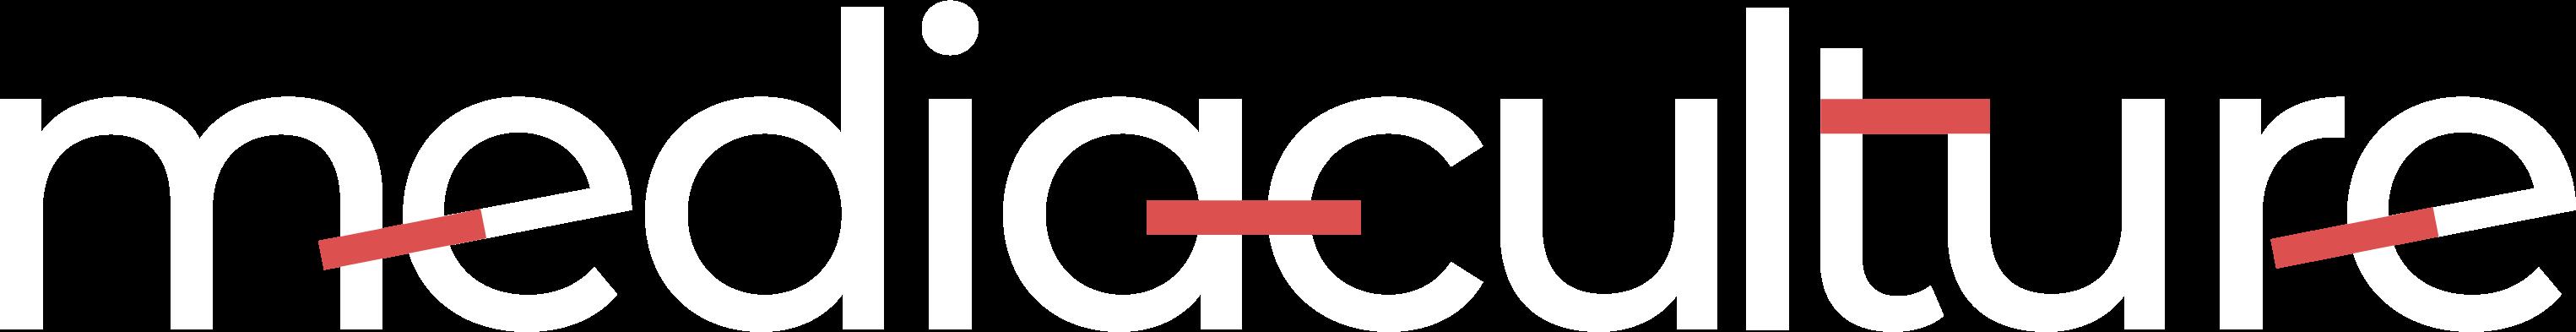 Media Culture Reversed Logo